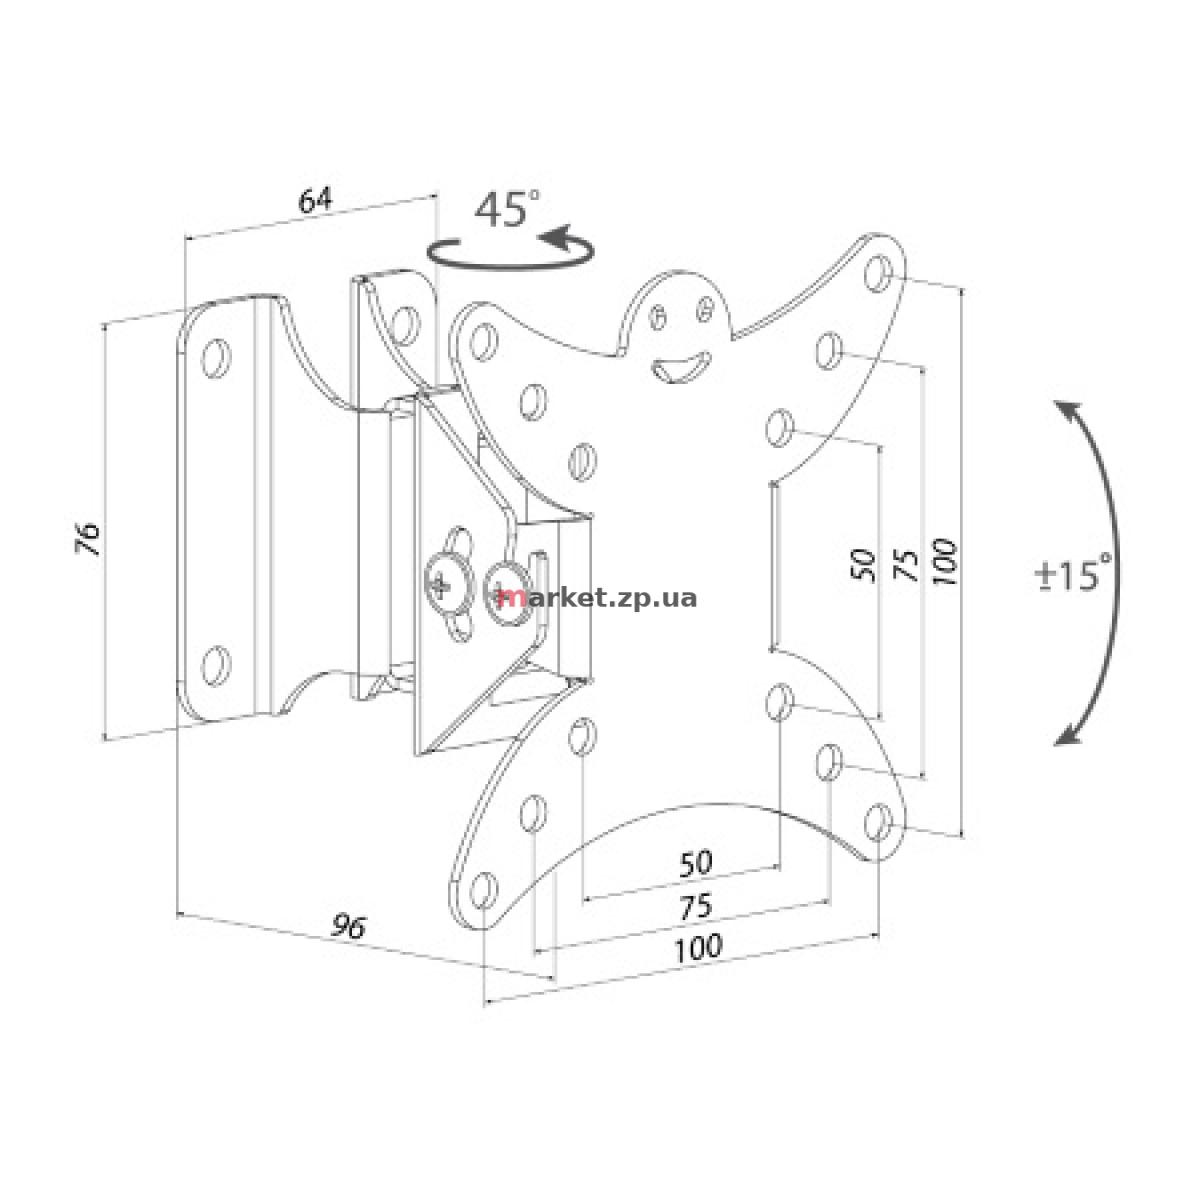 Наклонно-поворотный кронштейн KSL WM111T